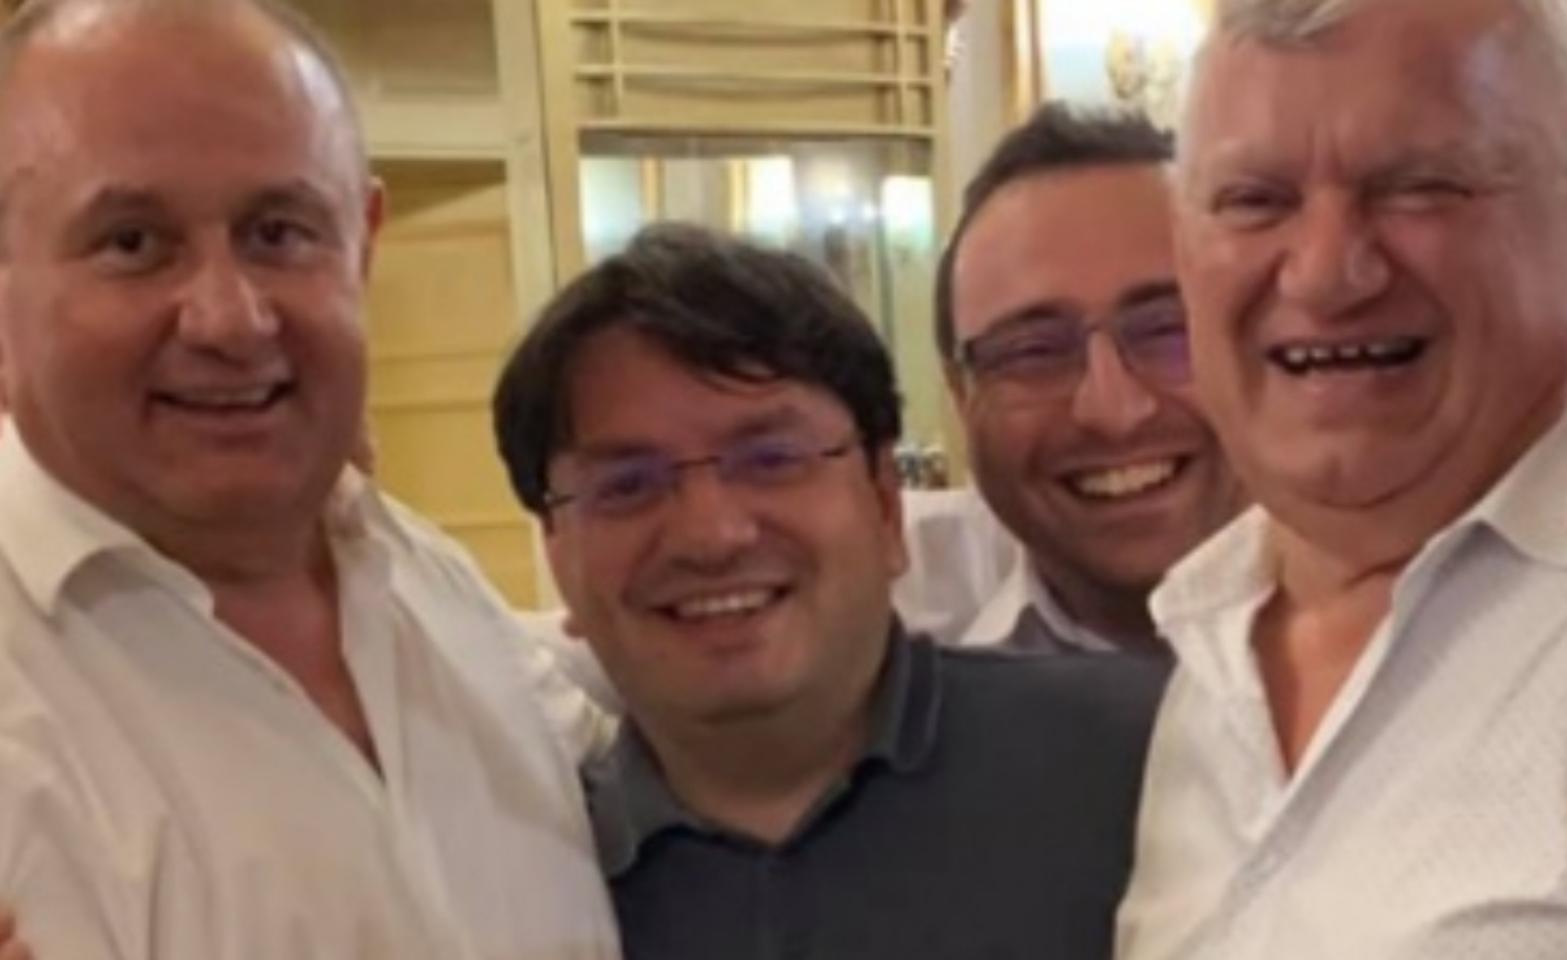 Parlamentarii care s-au întors la PSD după ce plecaseră la PRO România vor pleca din nou laPRO România dacă trece moțiunea